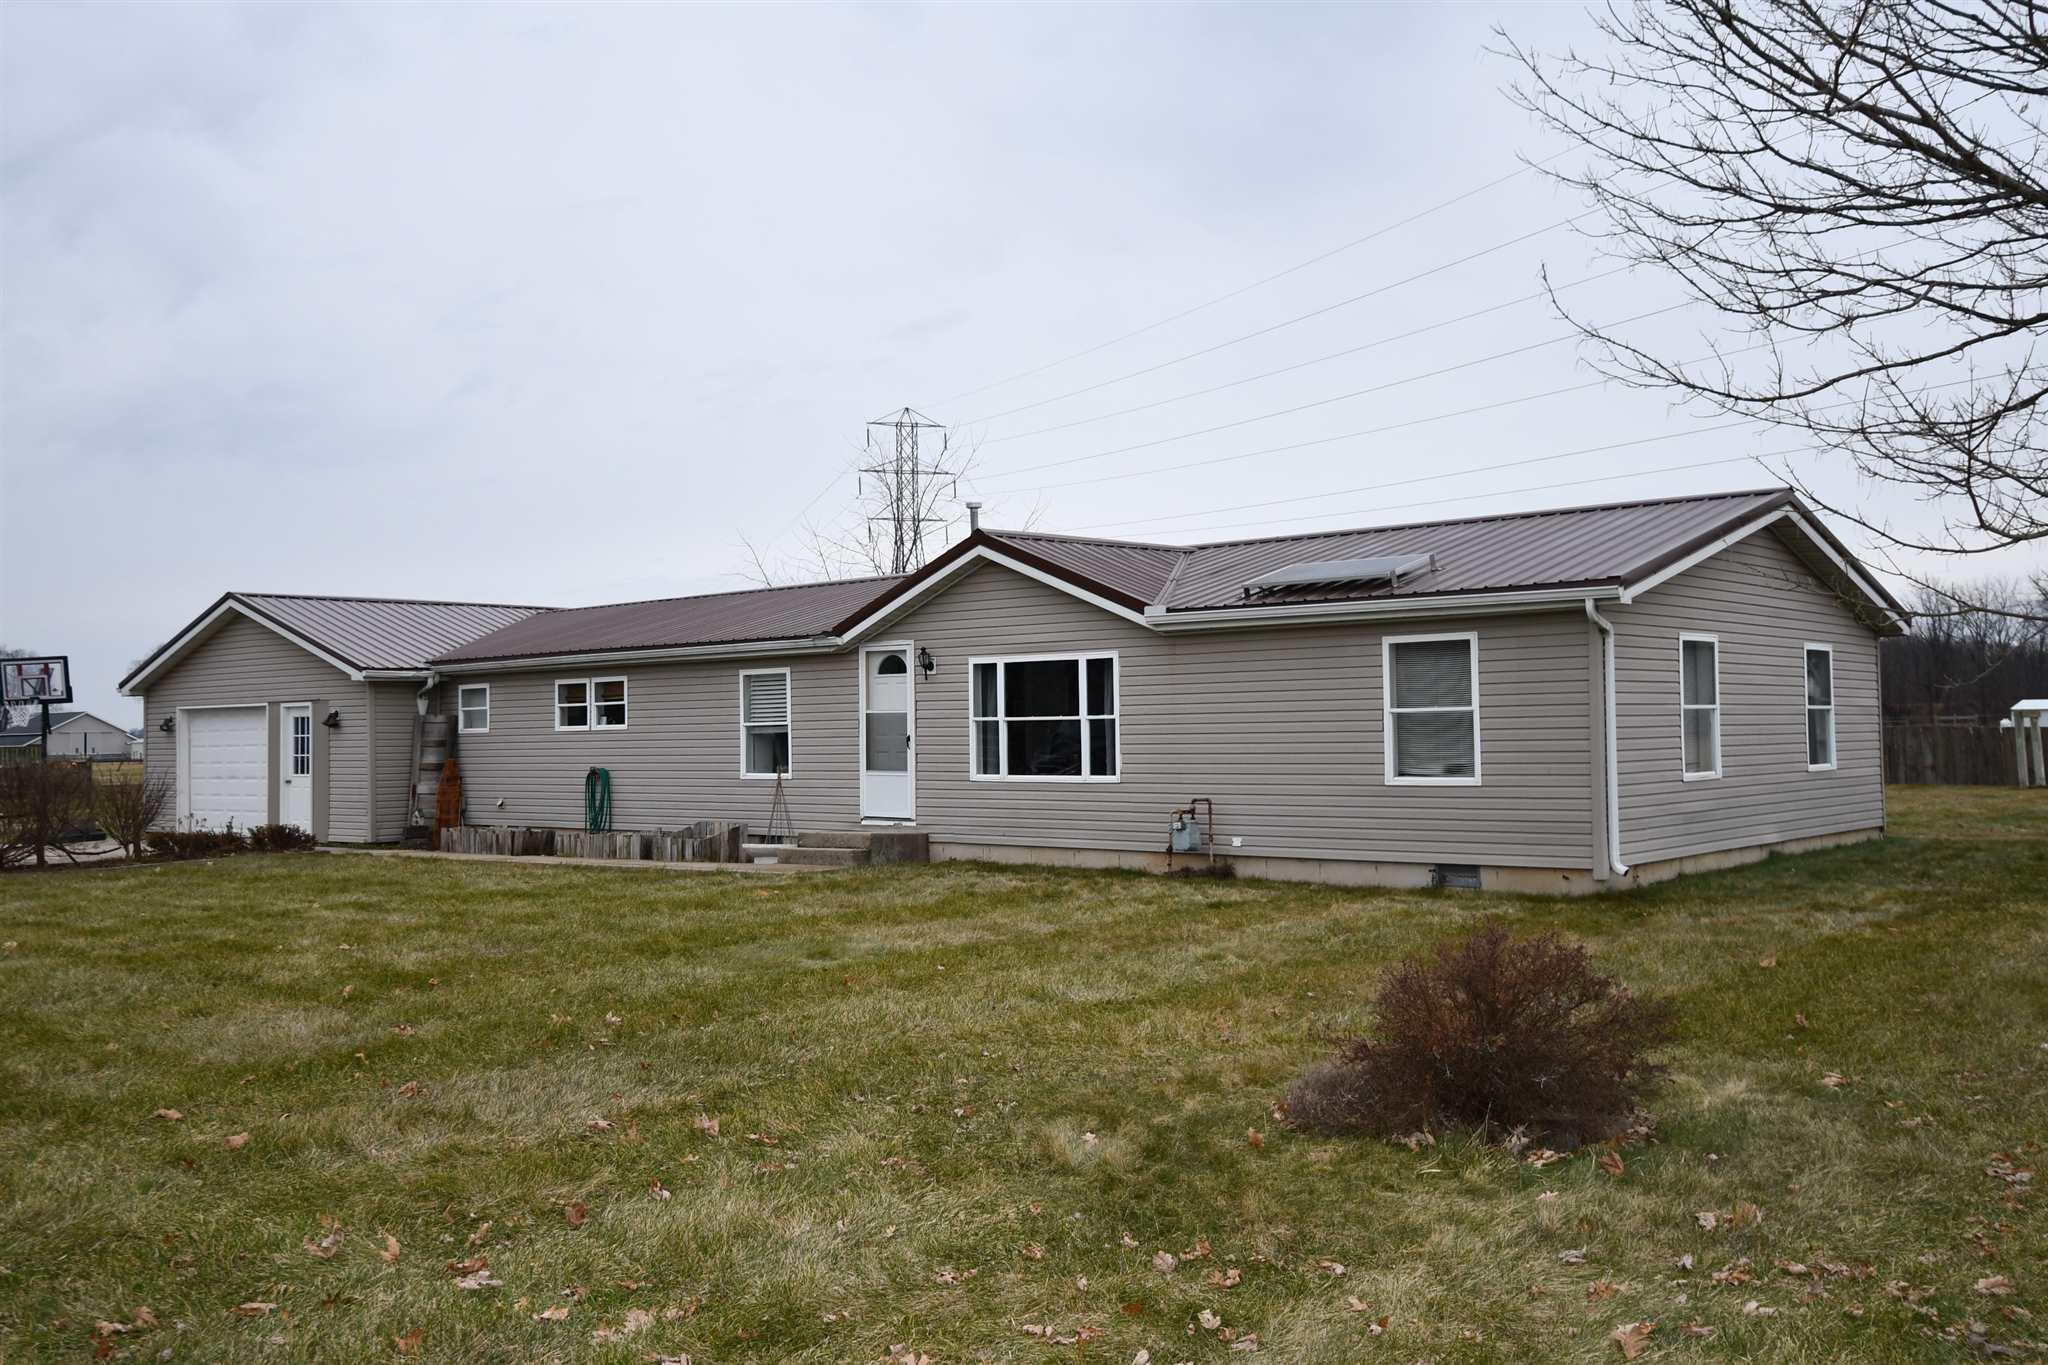 13541 County Road 44 Millersburg, IN 46543